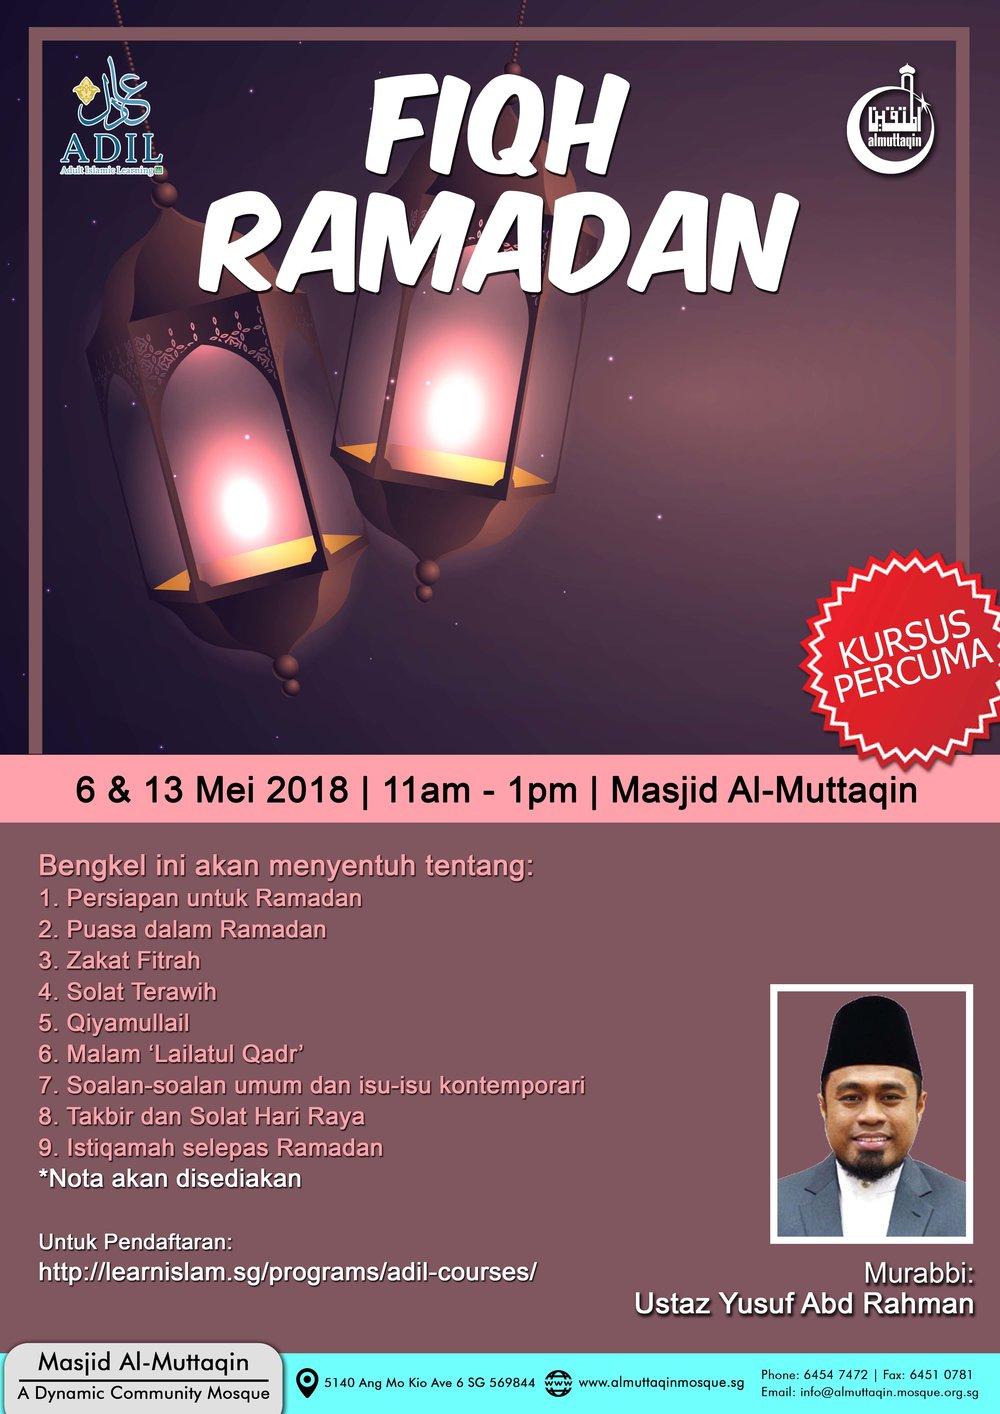 Fiqh Ramadan - Bengkel ini akan menyentuh tentang:1. Persiapan untuk Ramadan2. Puasa dalam Ramadan3. Zakat Fitrah4. Solat Terawih5. Qiyamullail6. Malam 'Lailatul Qadr'7. Soalan-soalan umum dan isu-isu kontemporari8. Takbir dan Solat Hari Raya9. Istiqamah selepas Ramadan